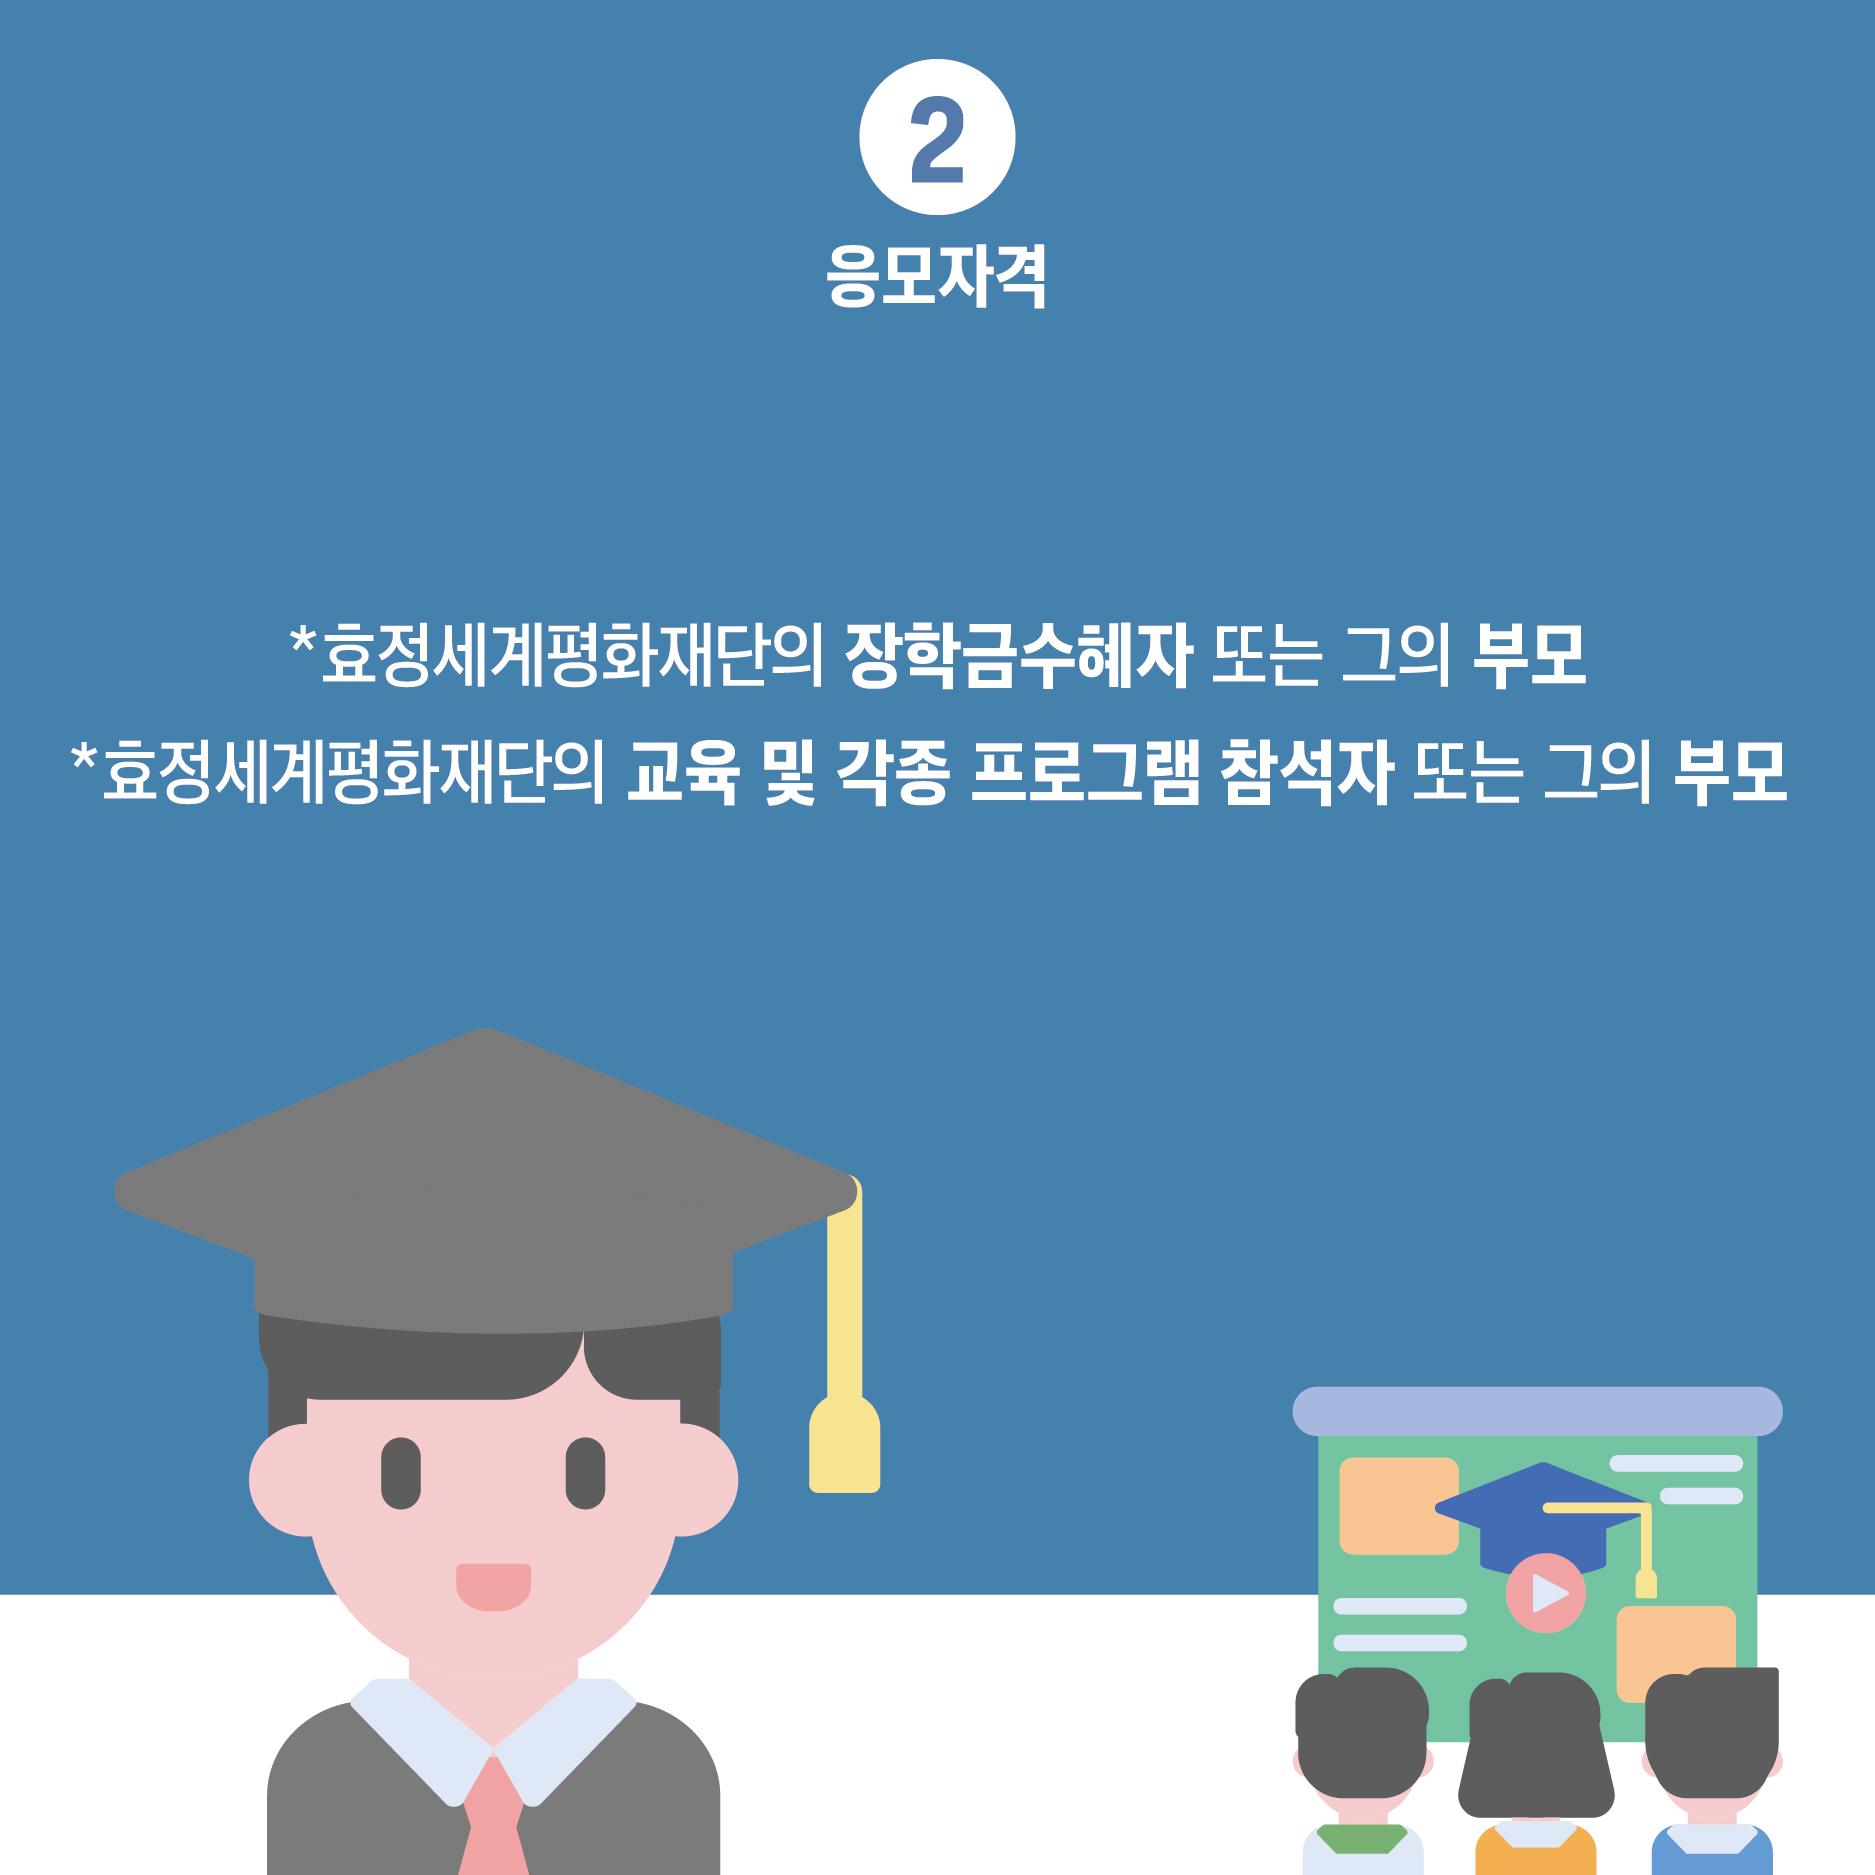 수기카드뉴스만들어보자3-07.jpg